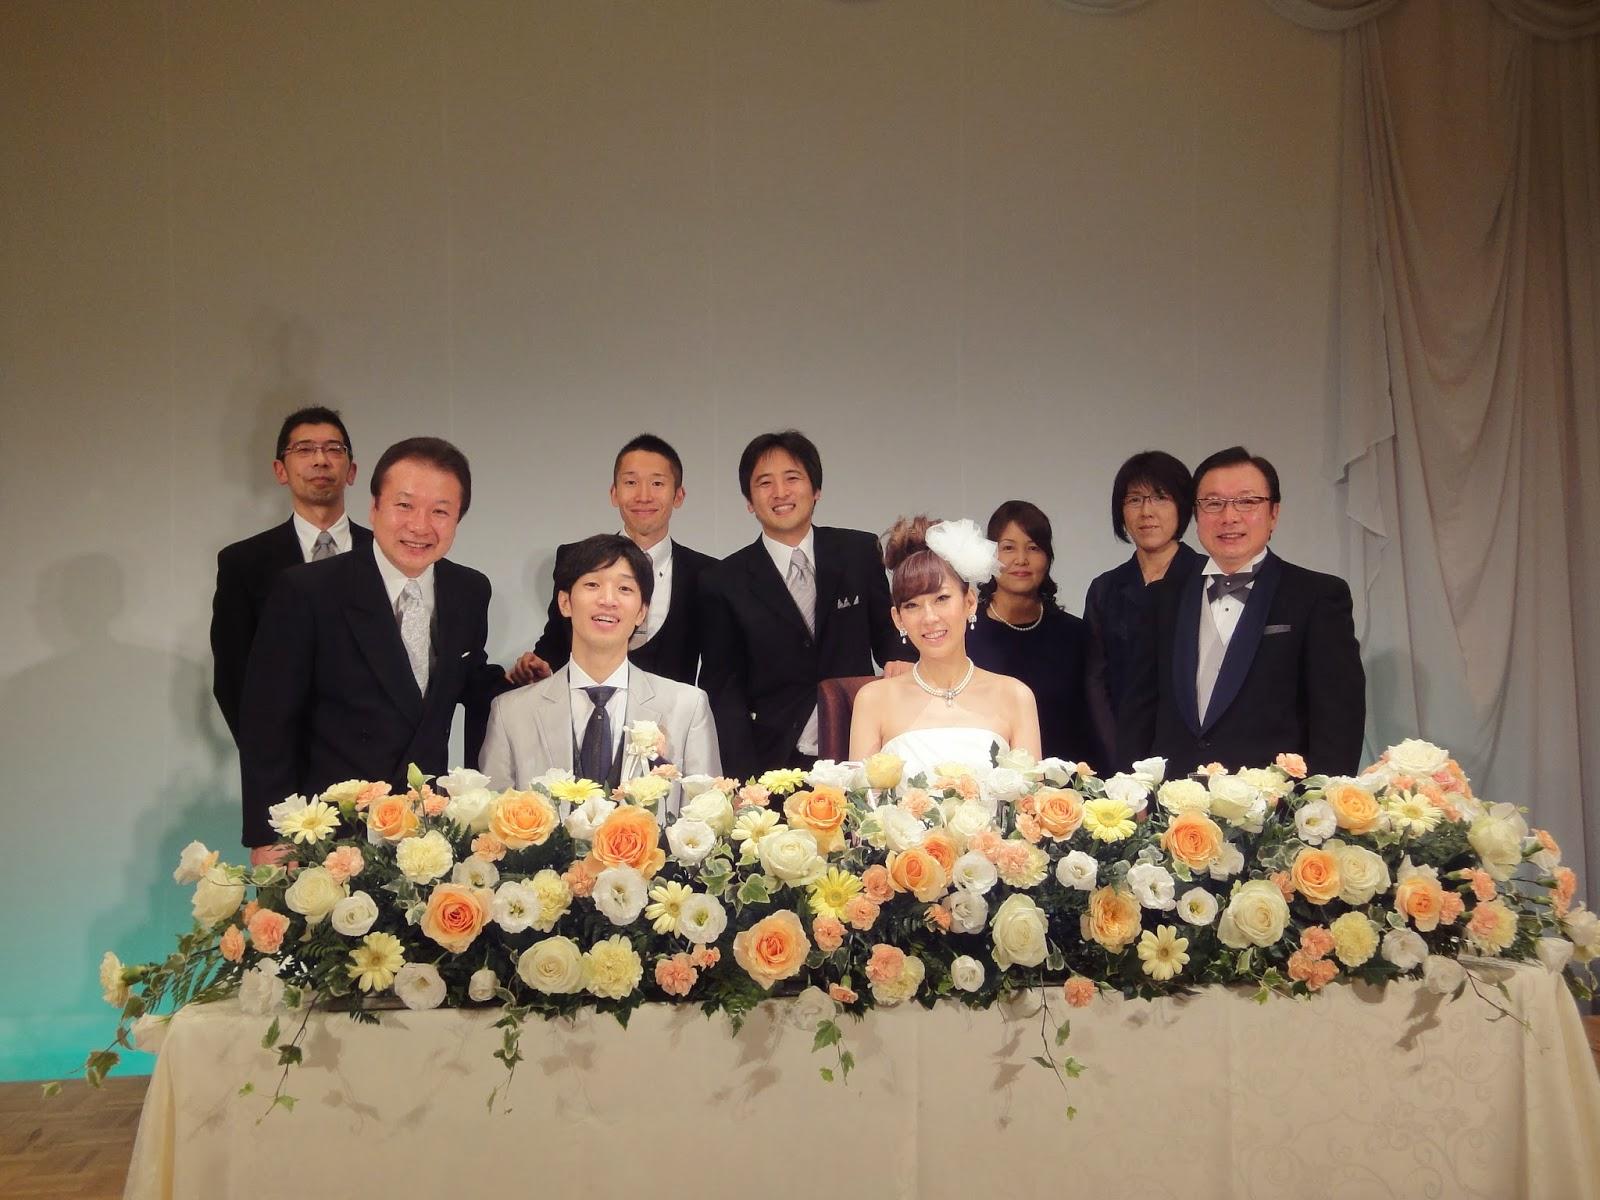 巽堂新井はり灸院: 2013年11月4日 二宮健悟先生の結婚式